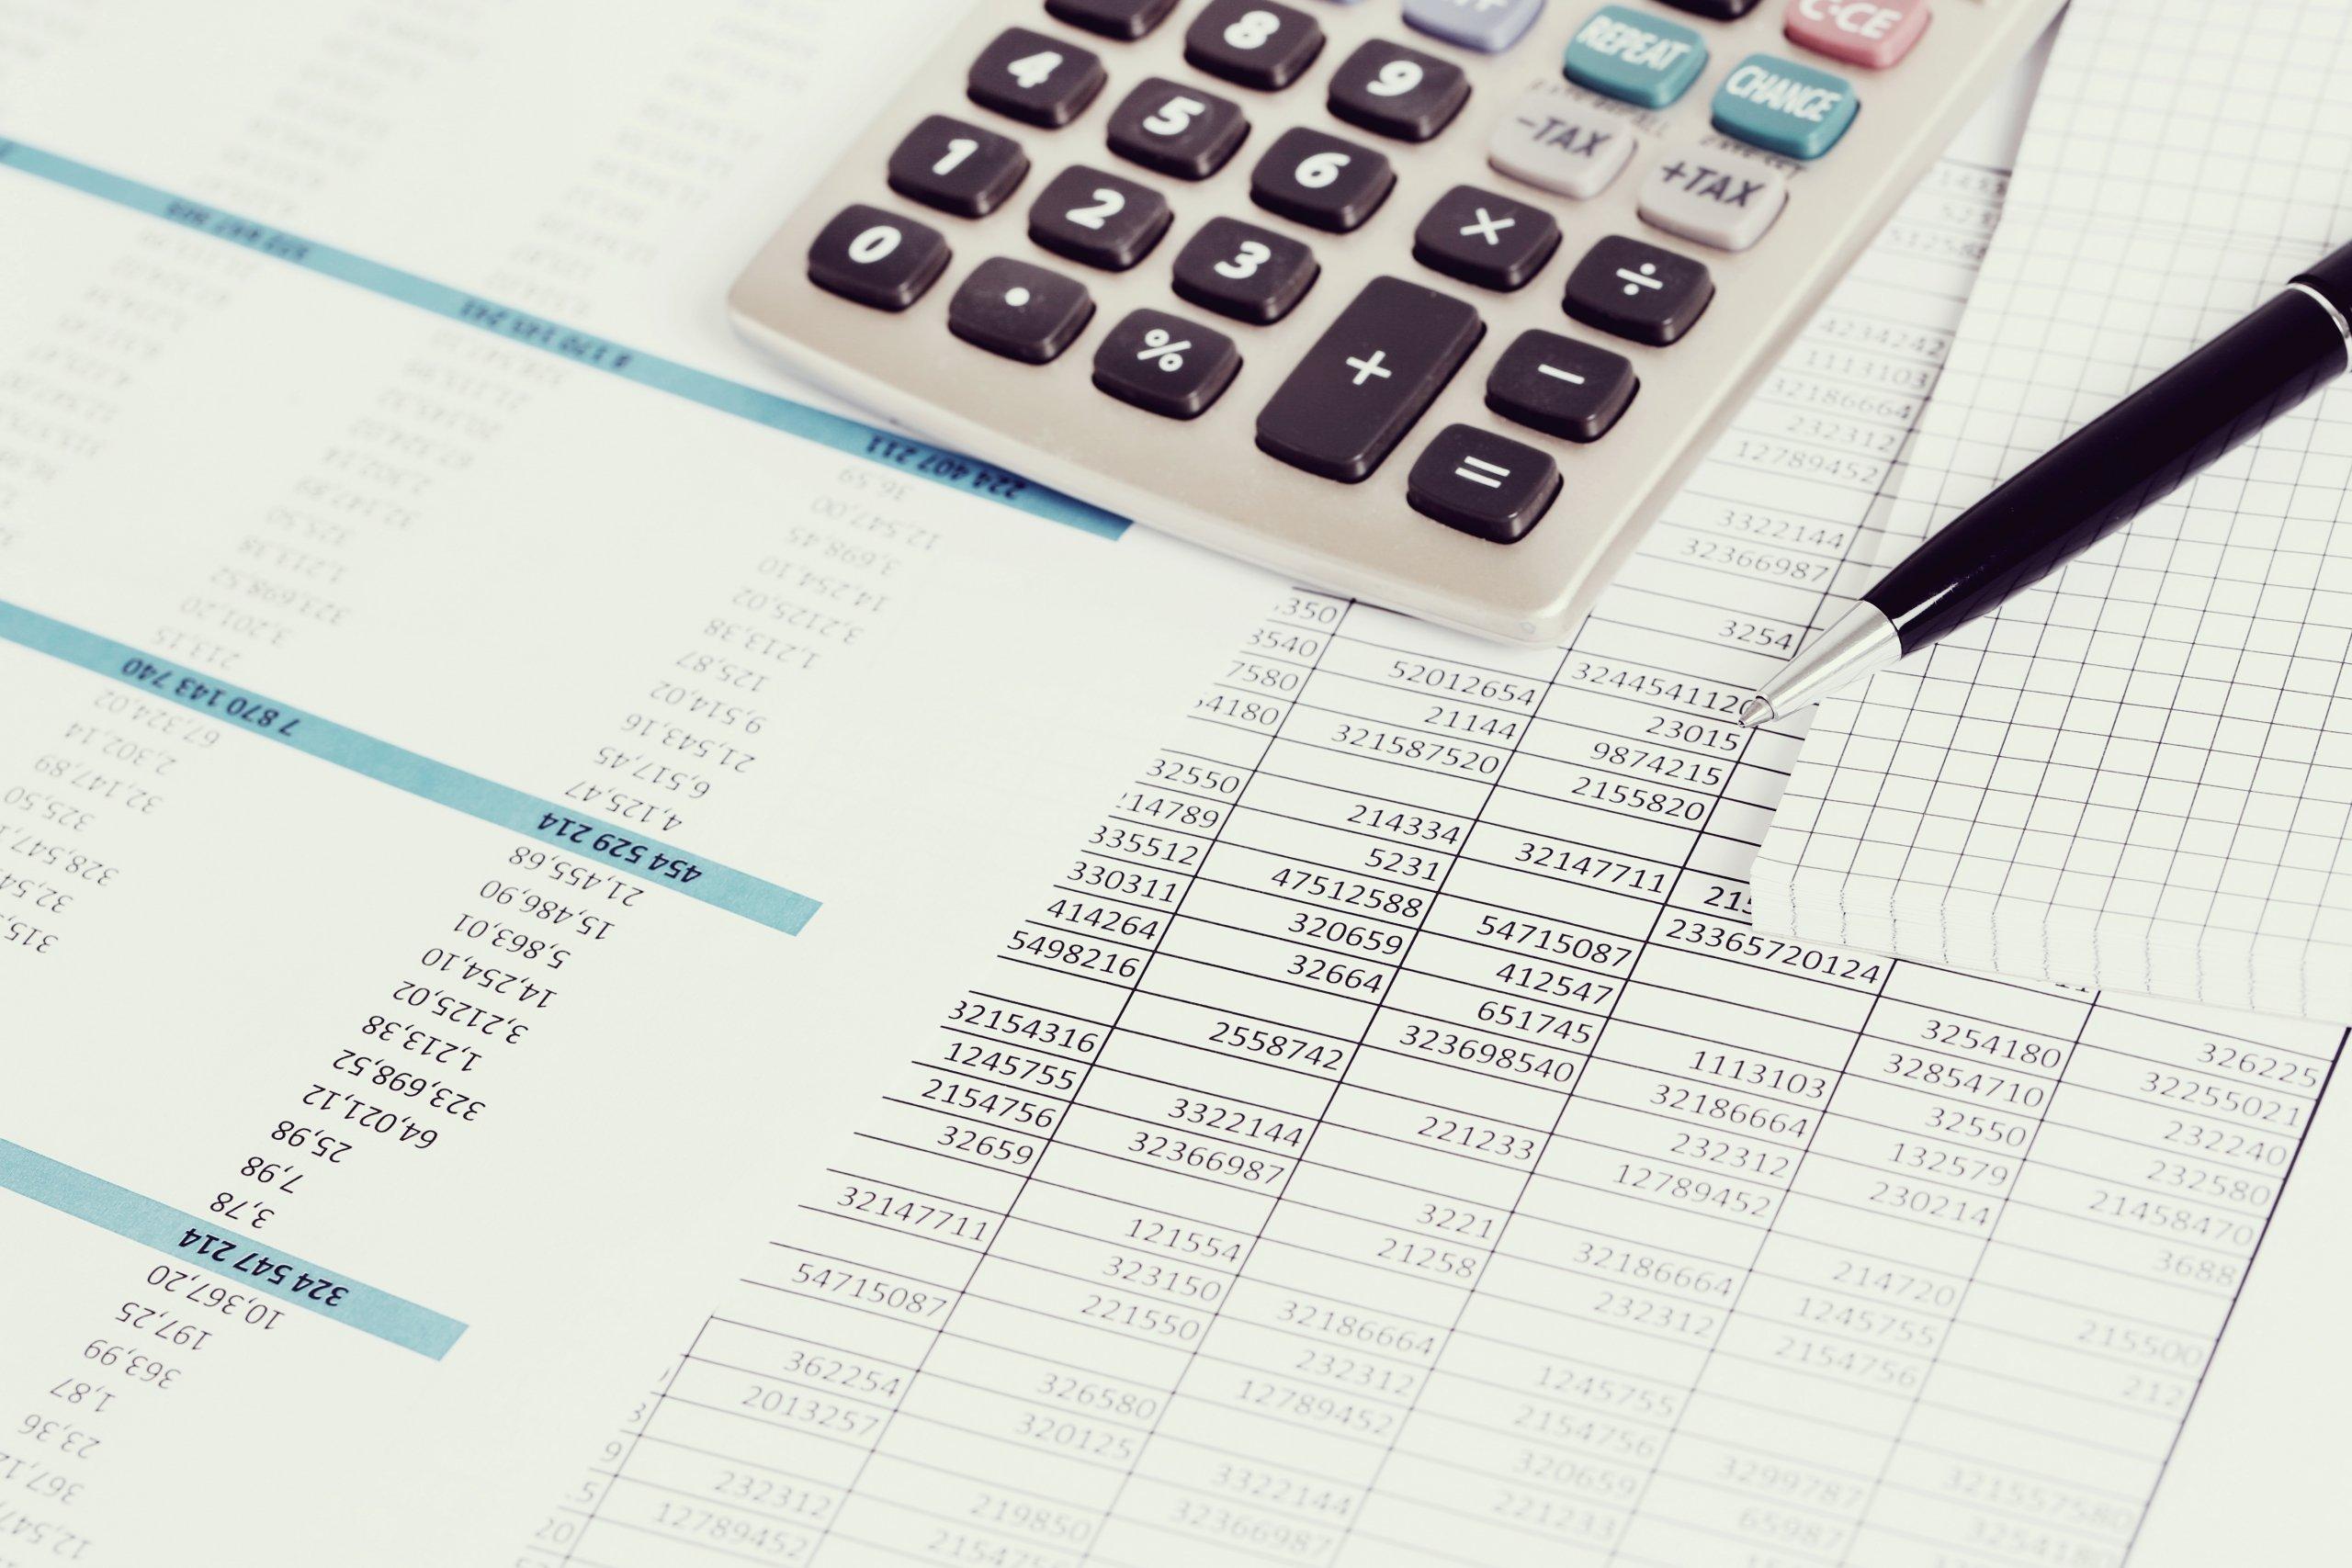 Persona calculando los tributos locales con calculadora e informes